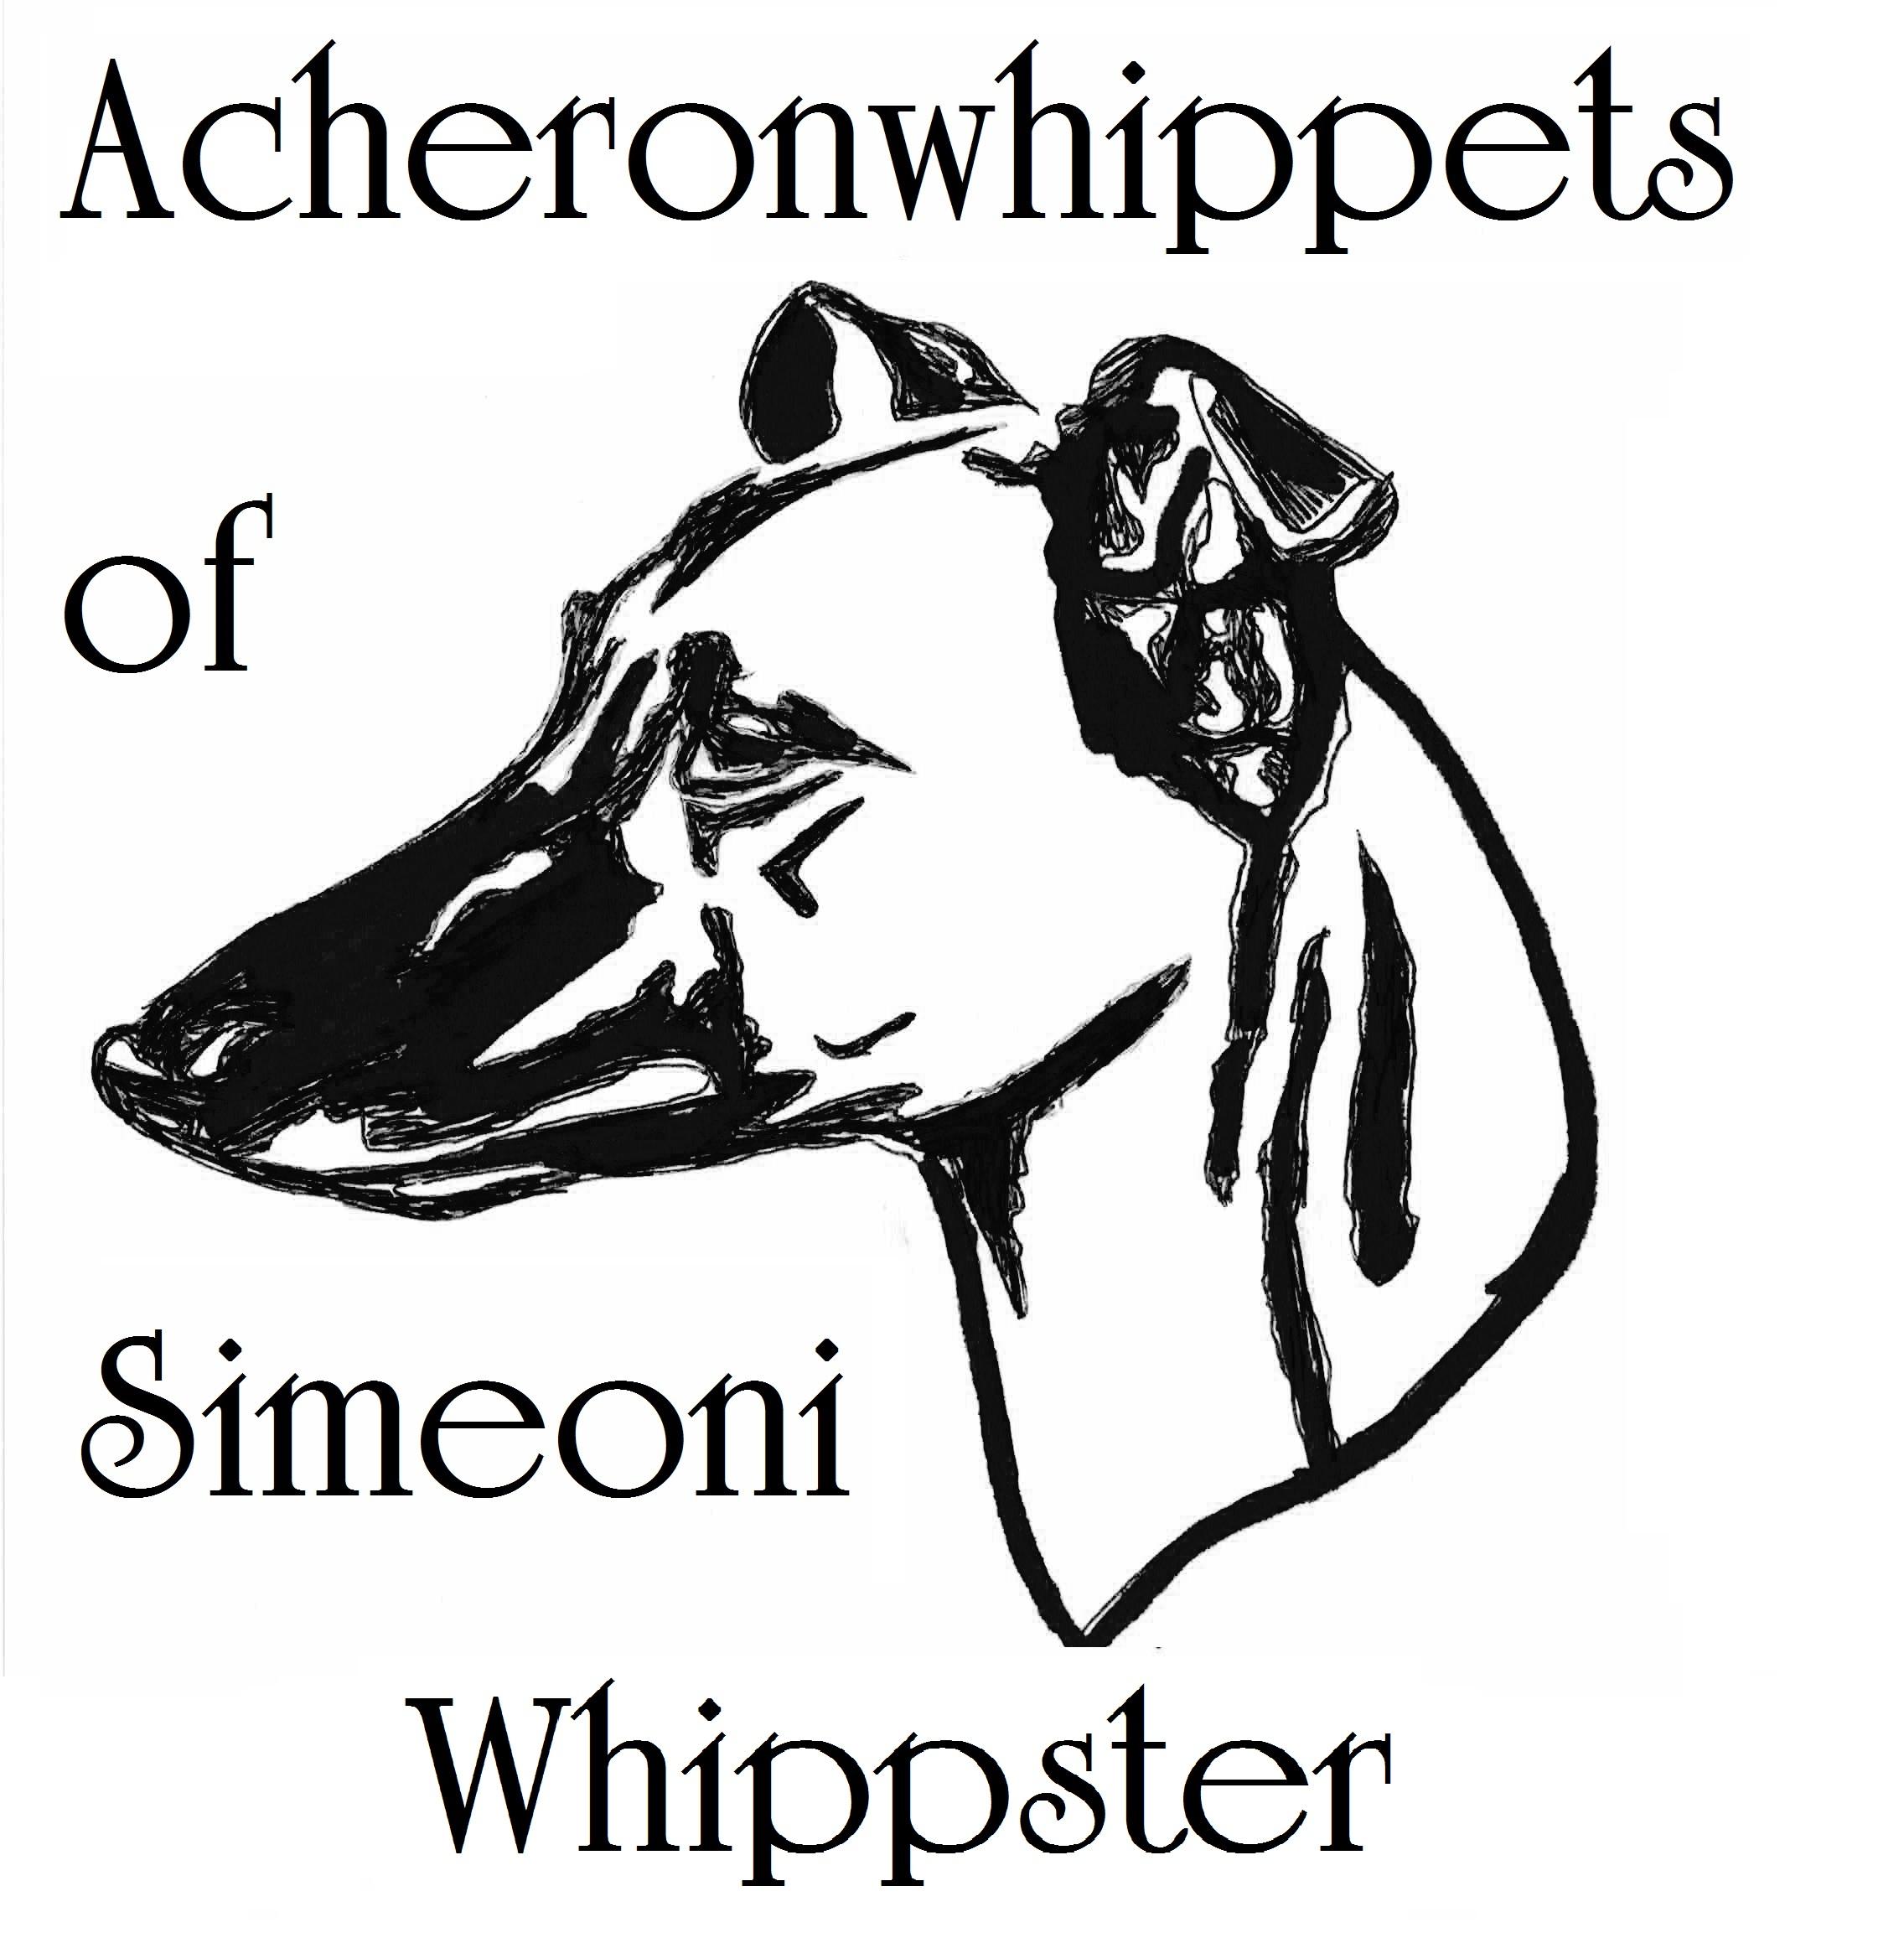 Zuchstätte: Simeoni Whippster